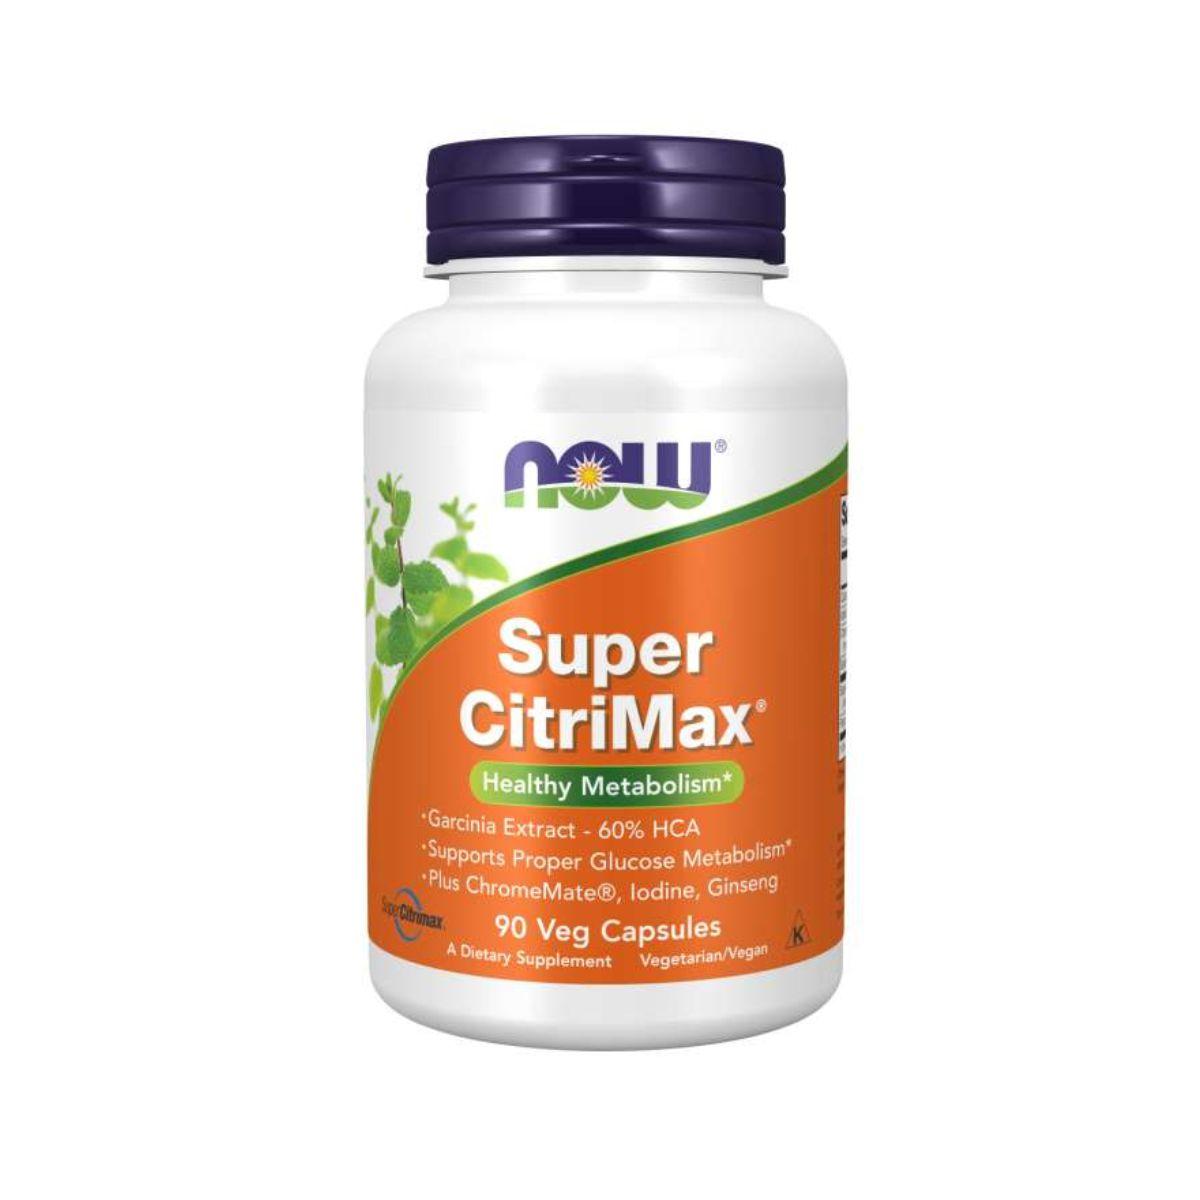 Super Citrimax Healt Metabolism 90Caps - Now Foods